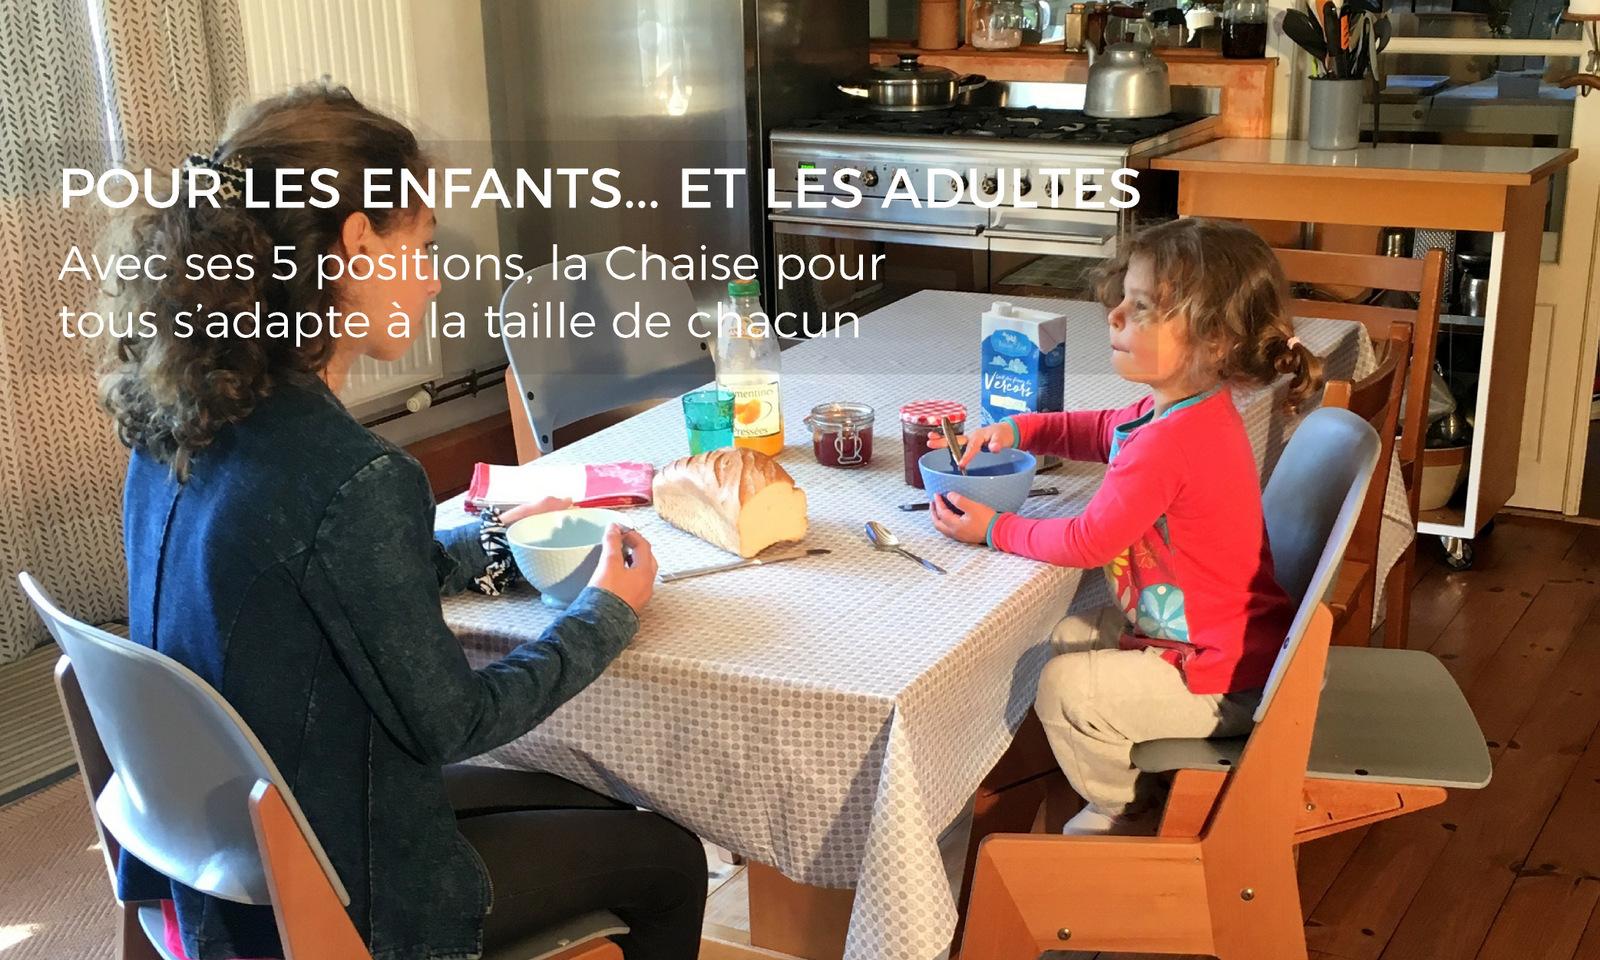 Chaise évolutive pour enfant et adulte : Les Chaises pour tous s'adaptent à la taille de chacun